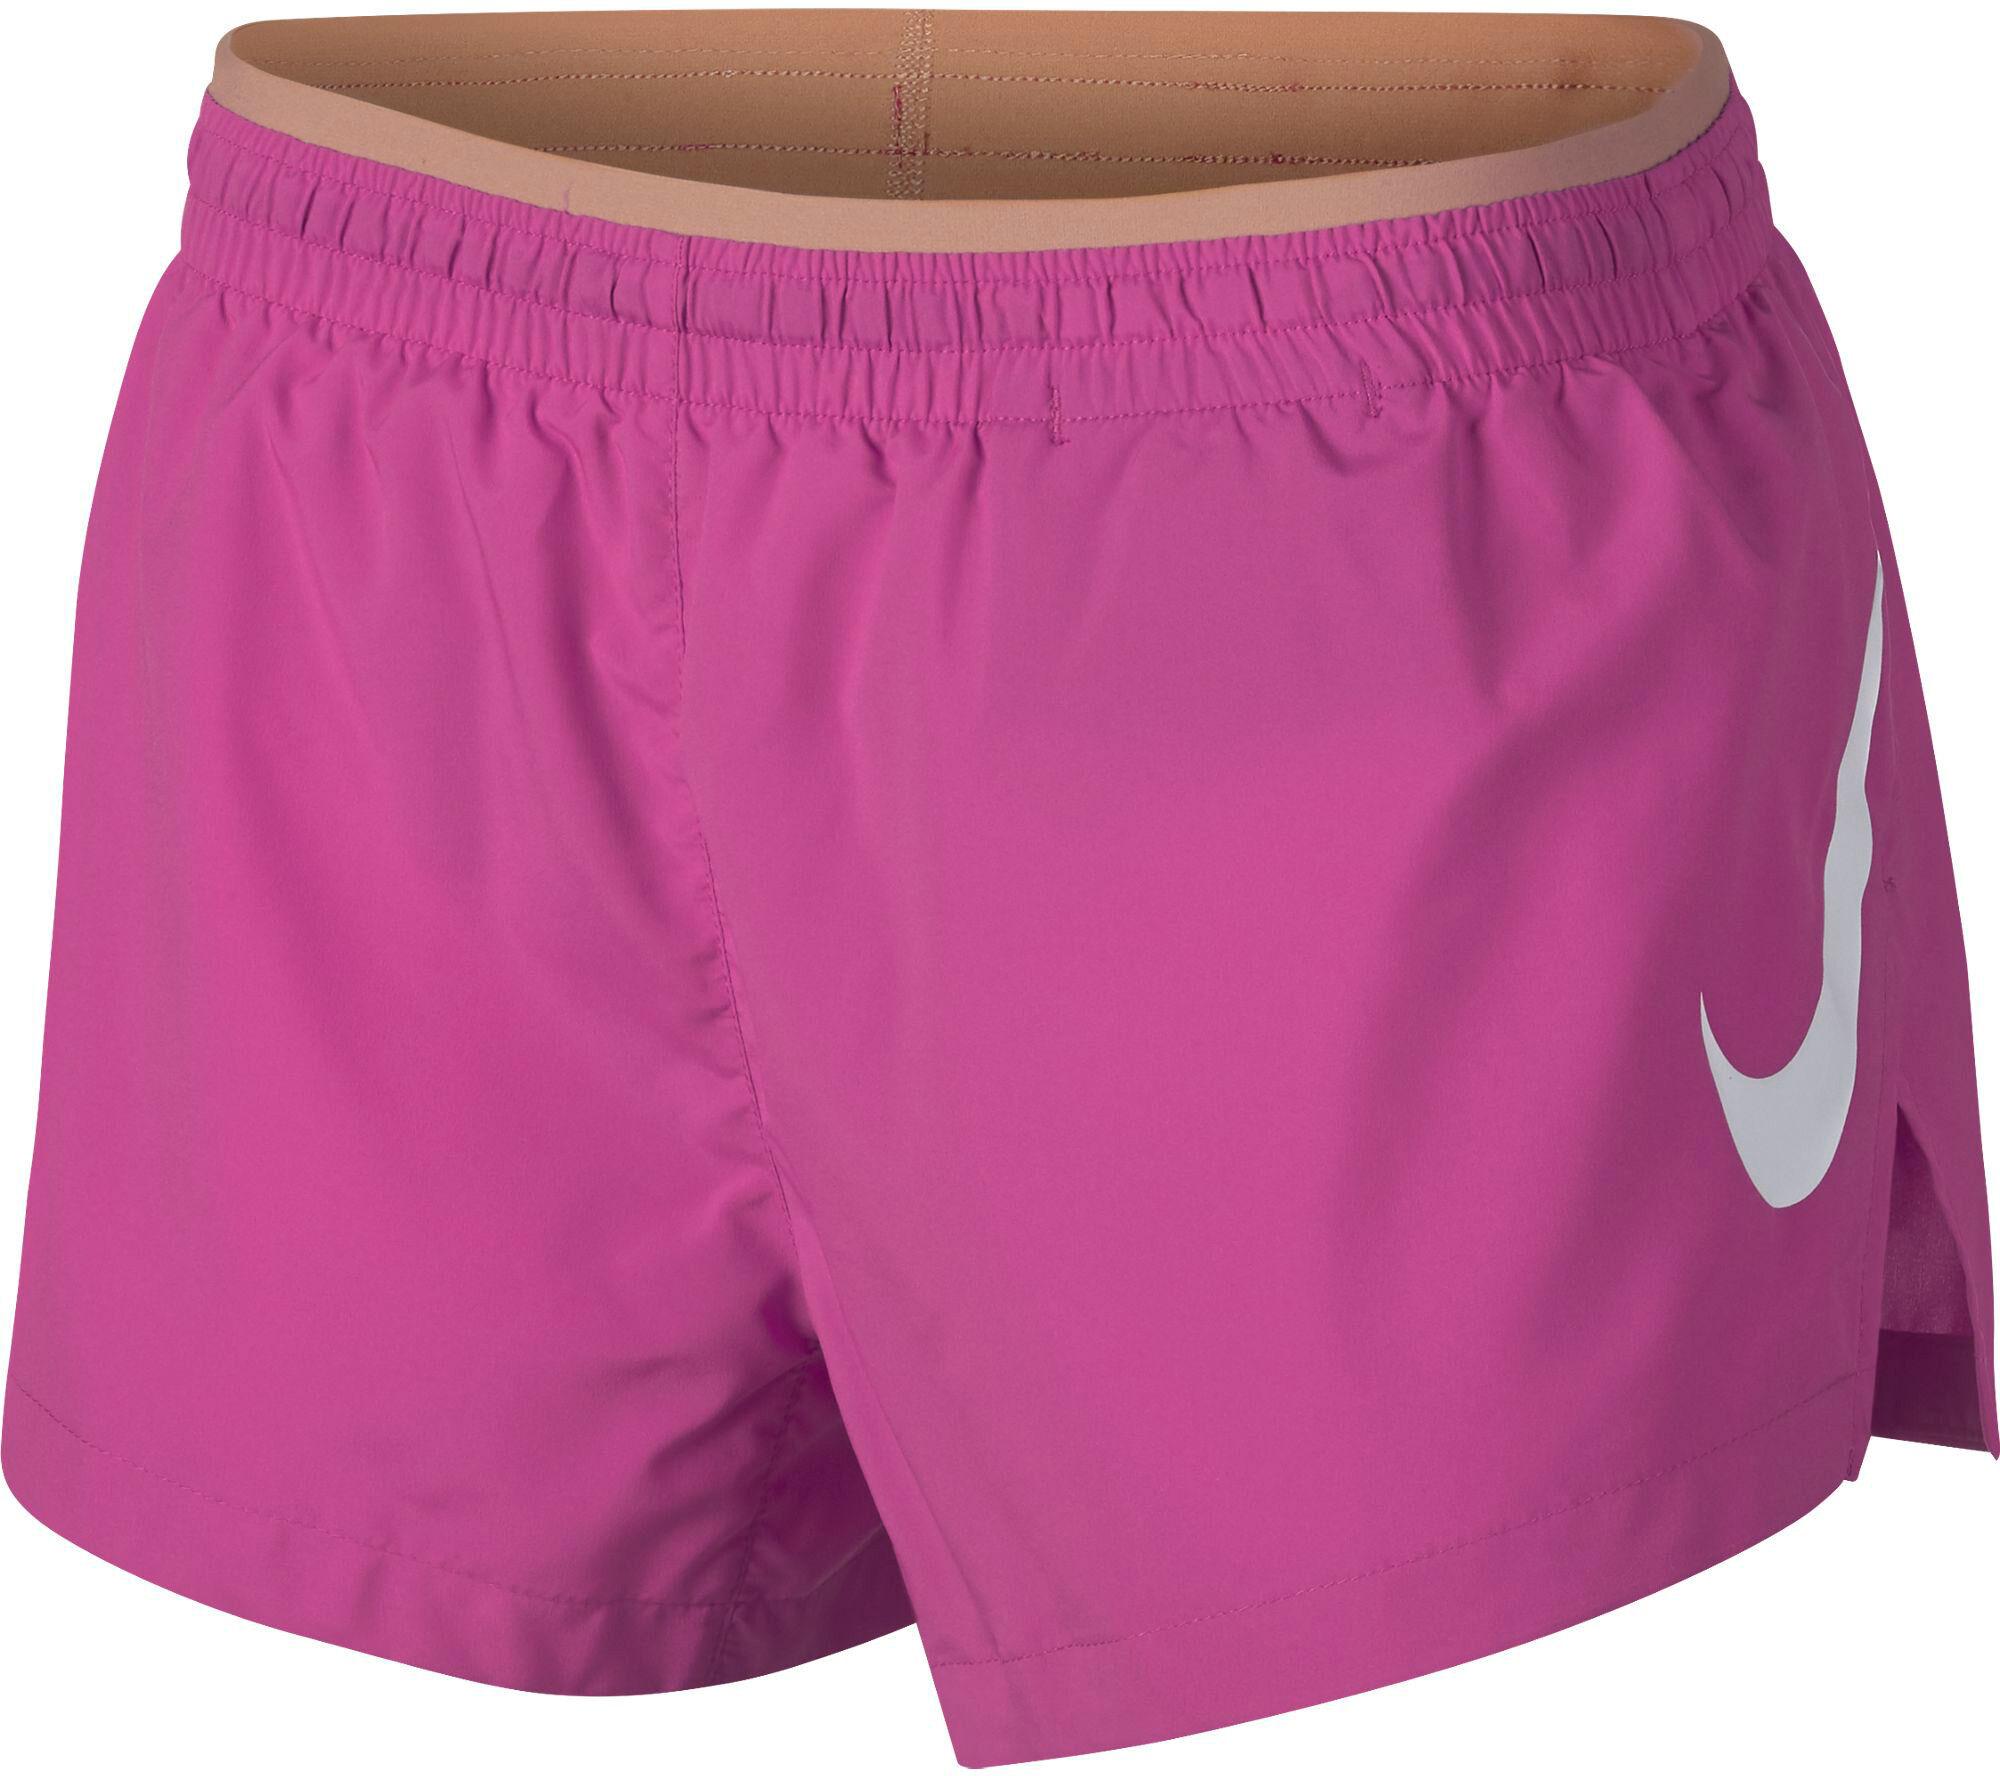 Korte Sportbroek voor Dames? Bekijk alle Sportshorts